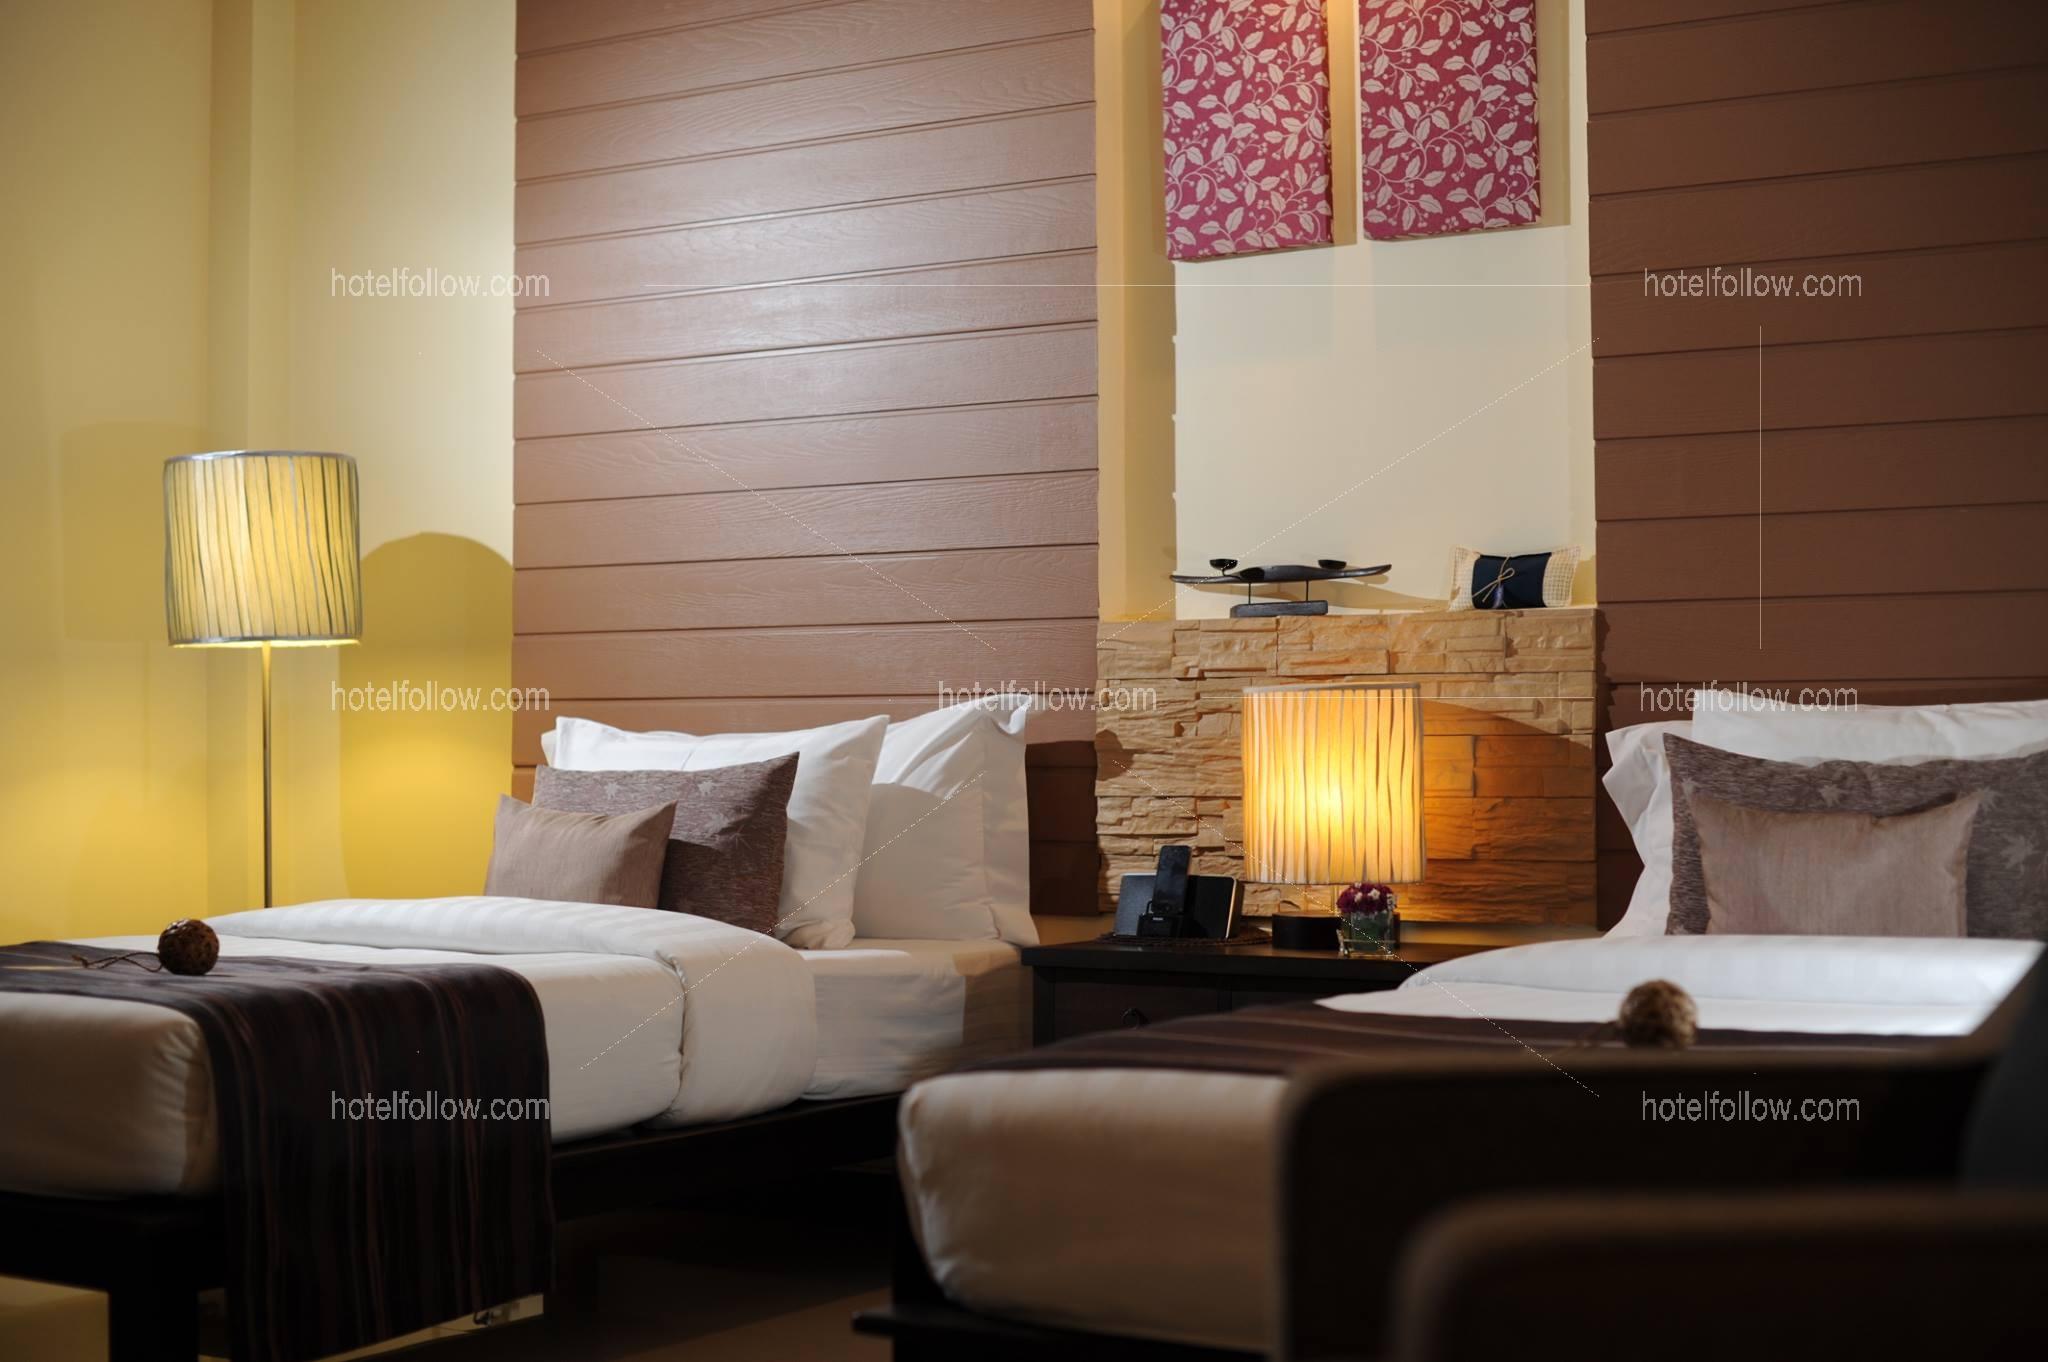 รูปของโรงแรม โรงแรม น่าน บูติก